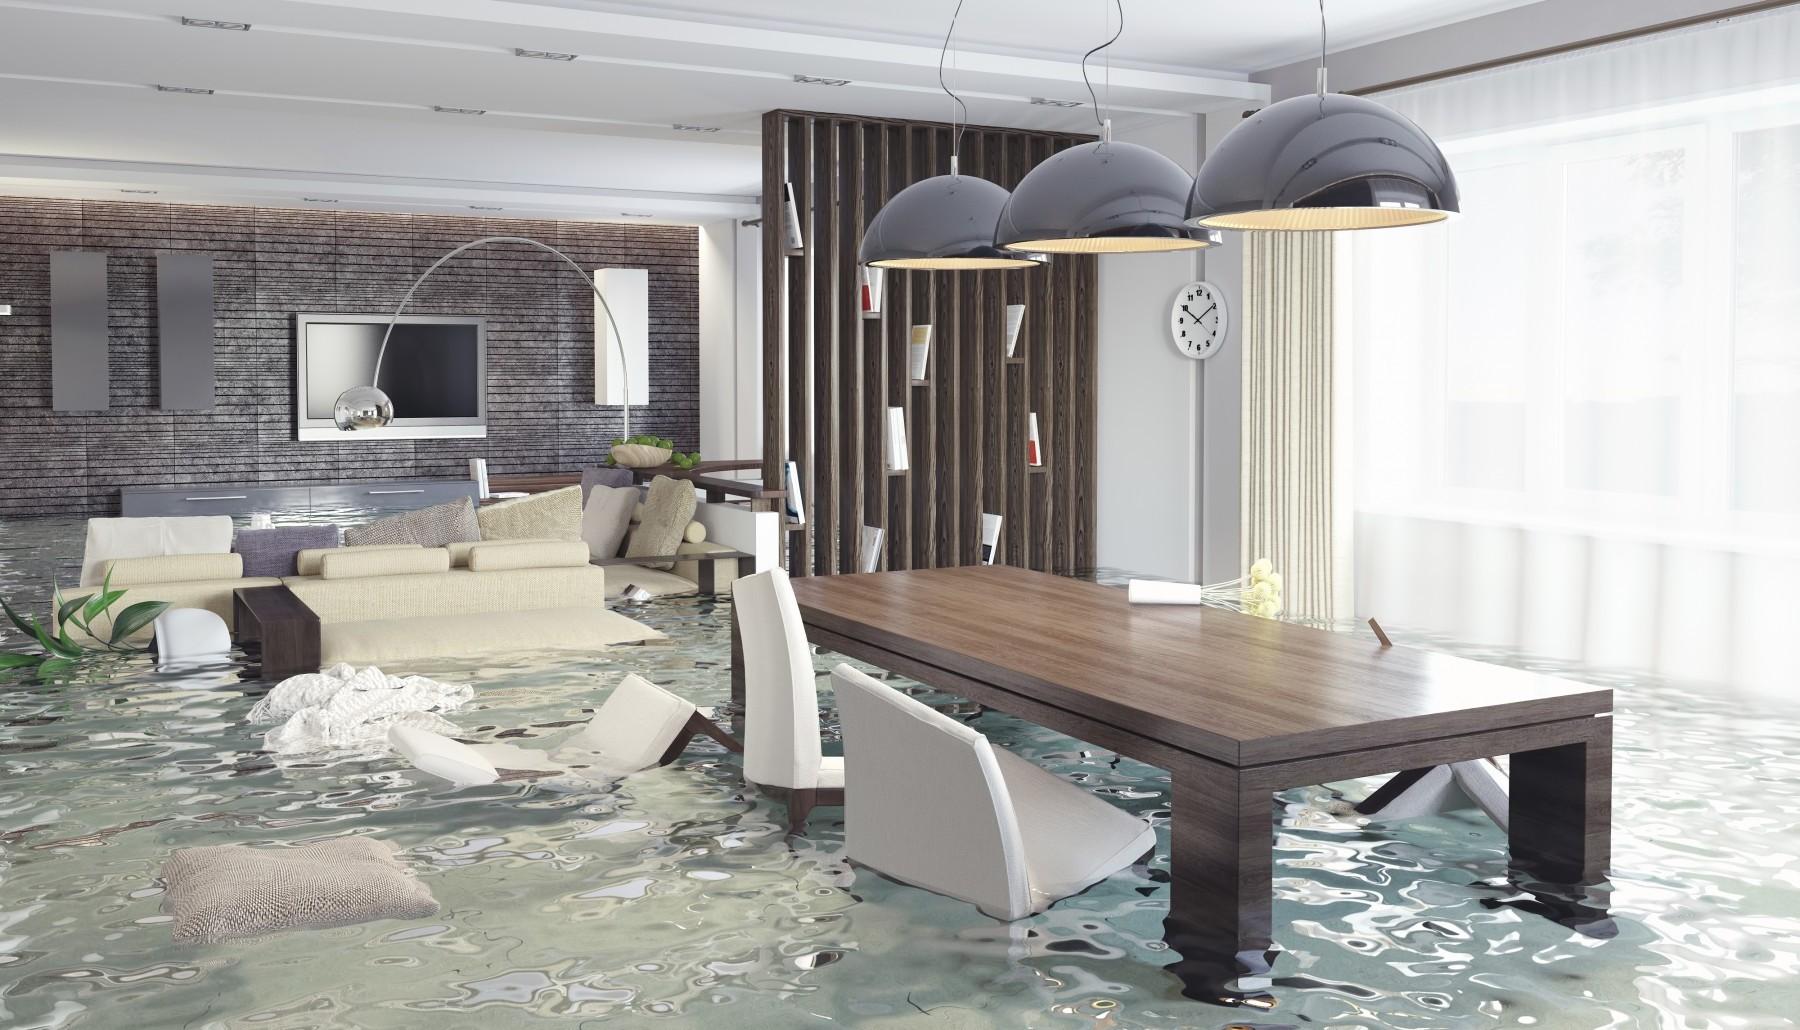 accidente-inundacion-vivienda